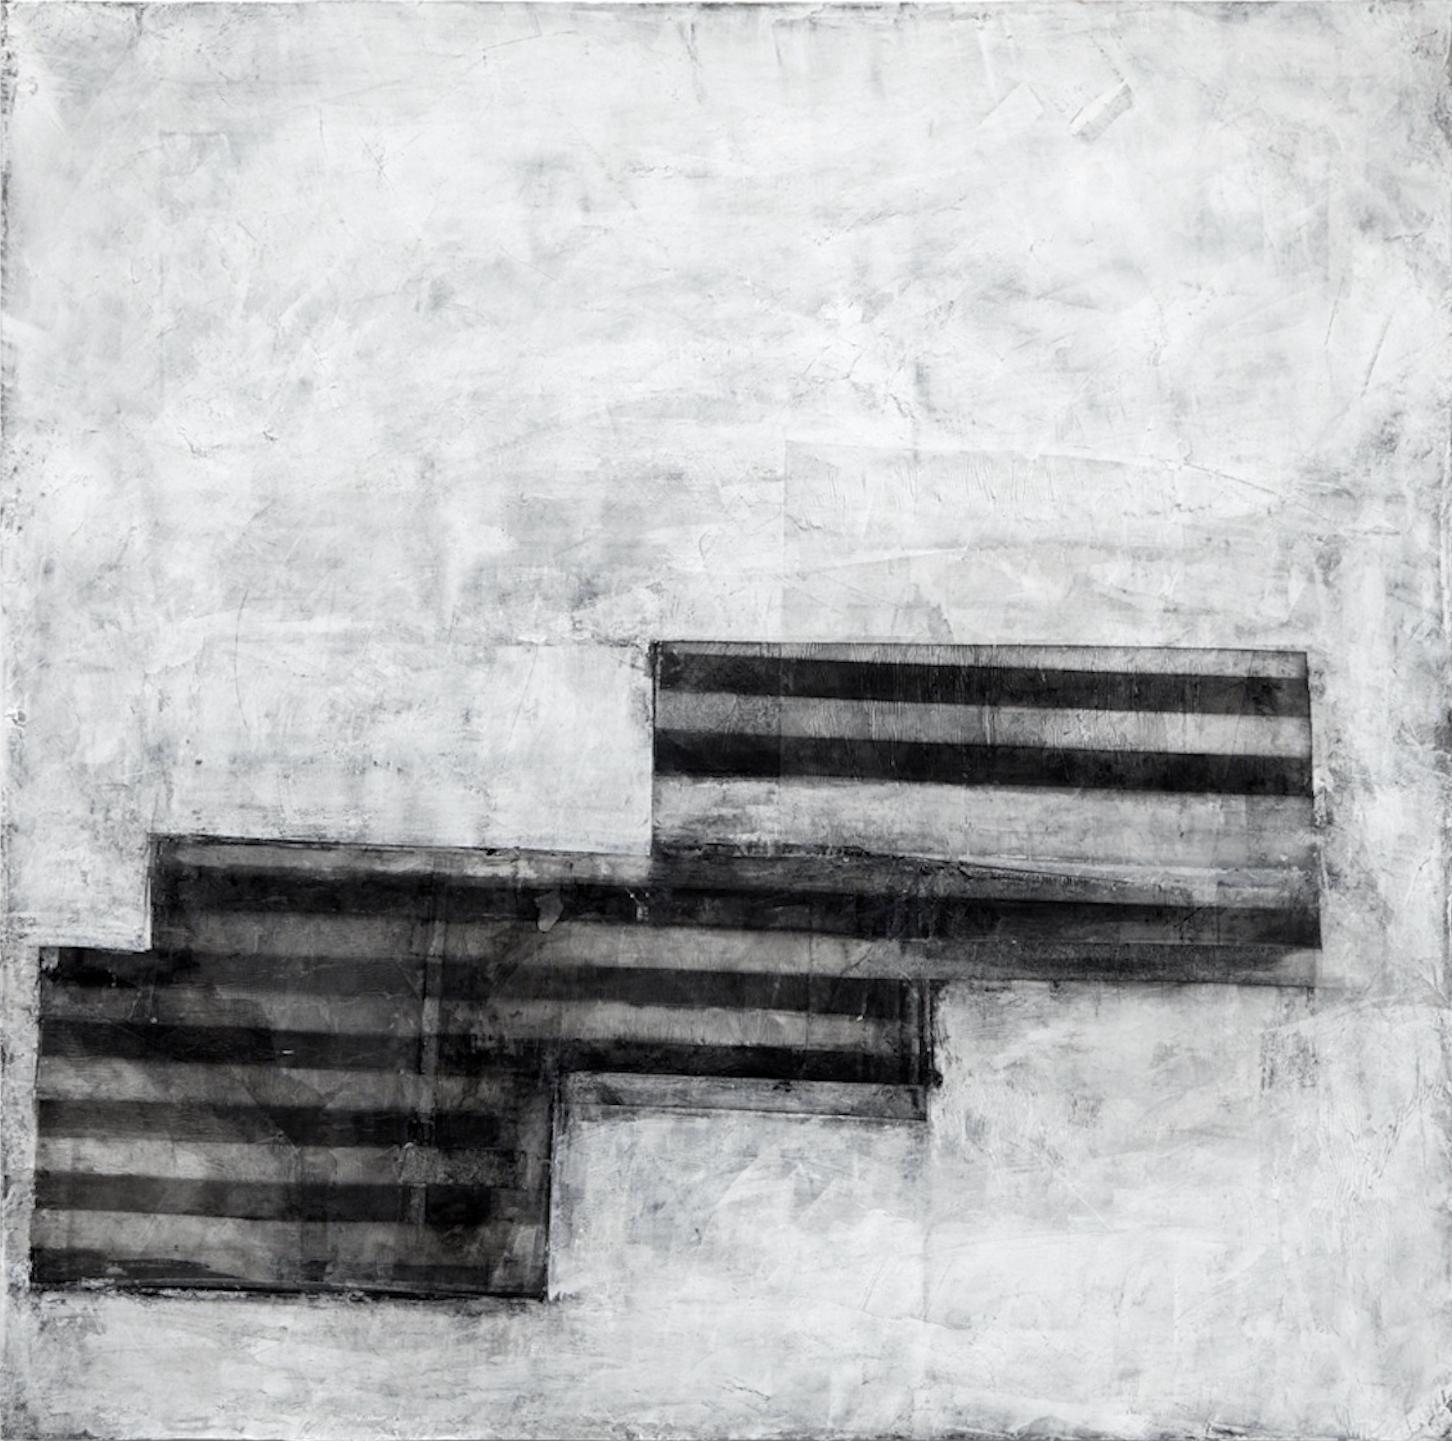 Stripe Series 3, No. 3, 2014